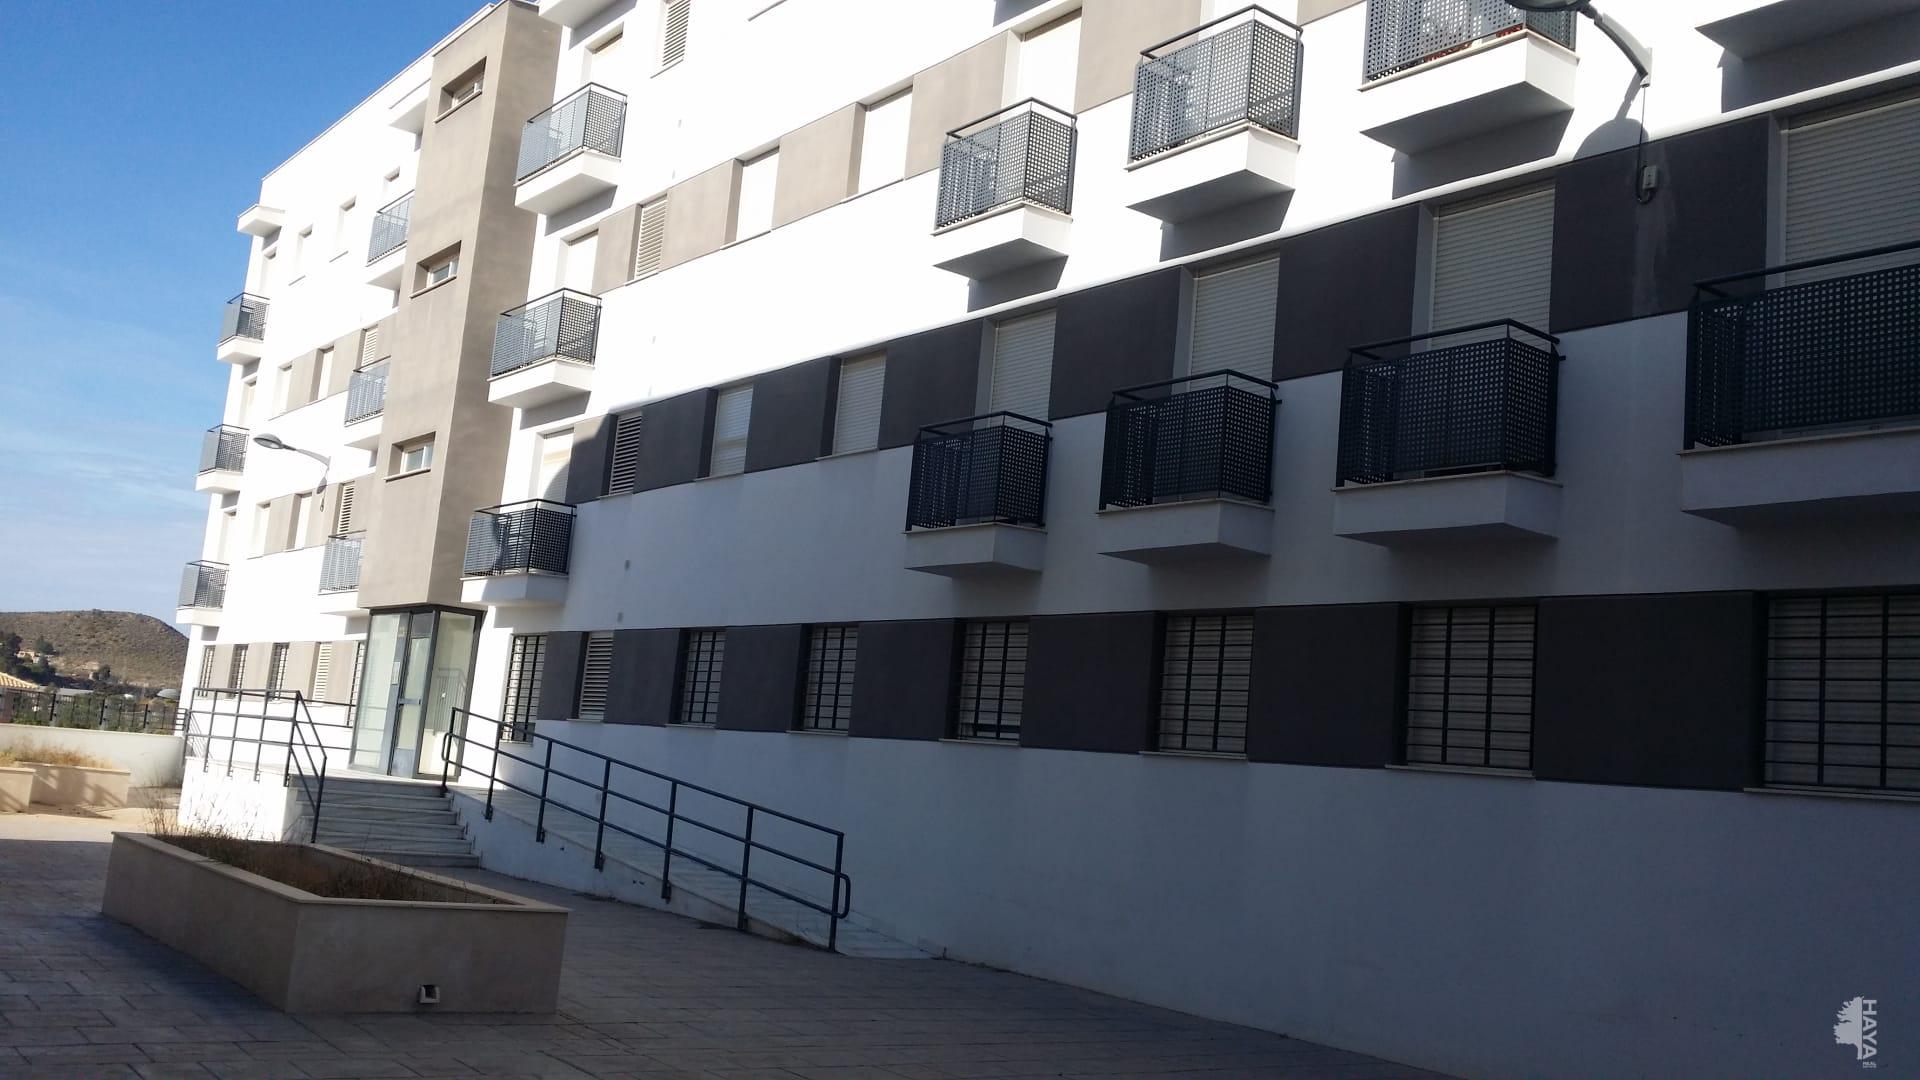 Piso en venta en Olula del Río, Almería, Calle Alta, 51.100 €, 3 habitaciones, 1 baño, 84 m2